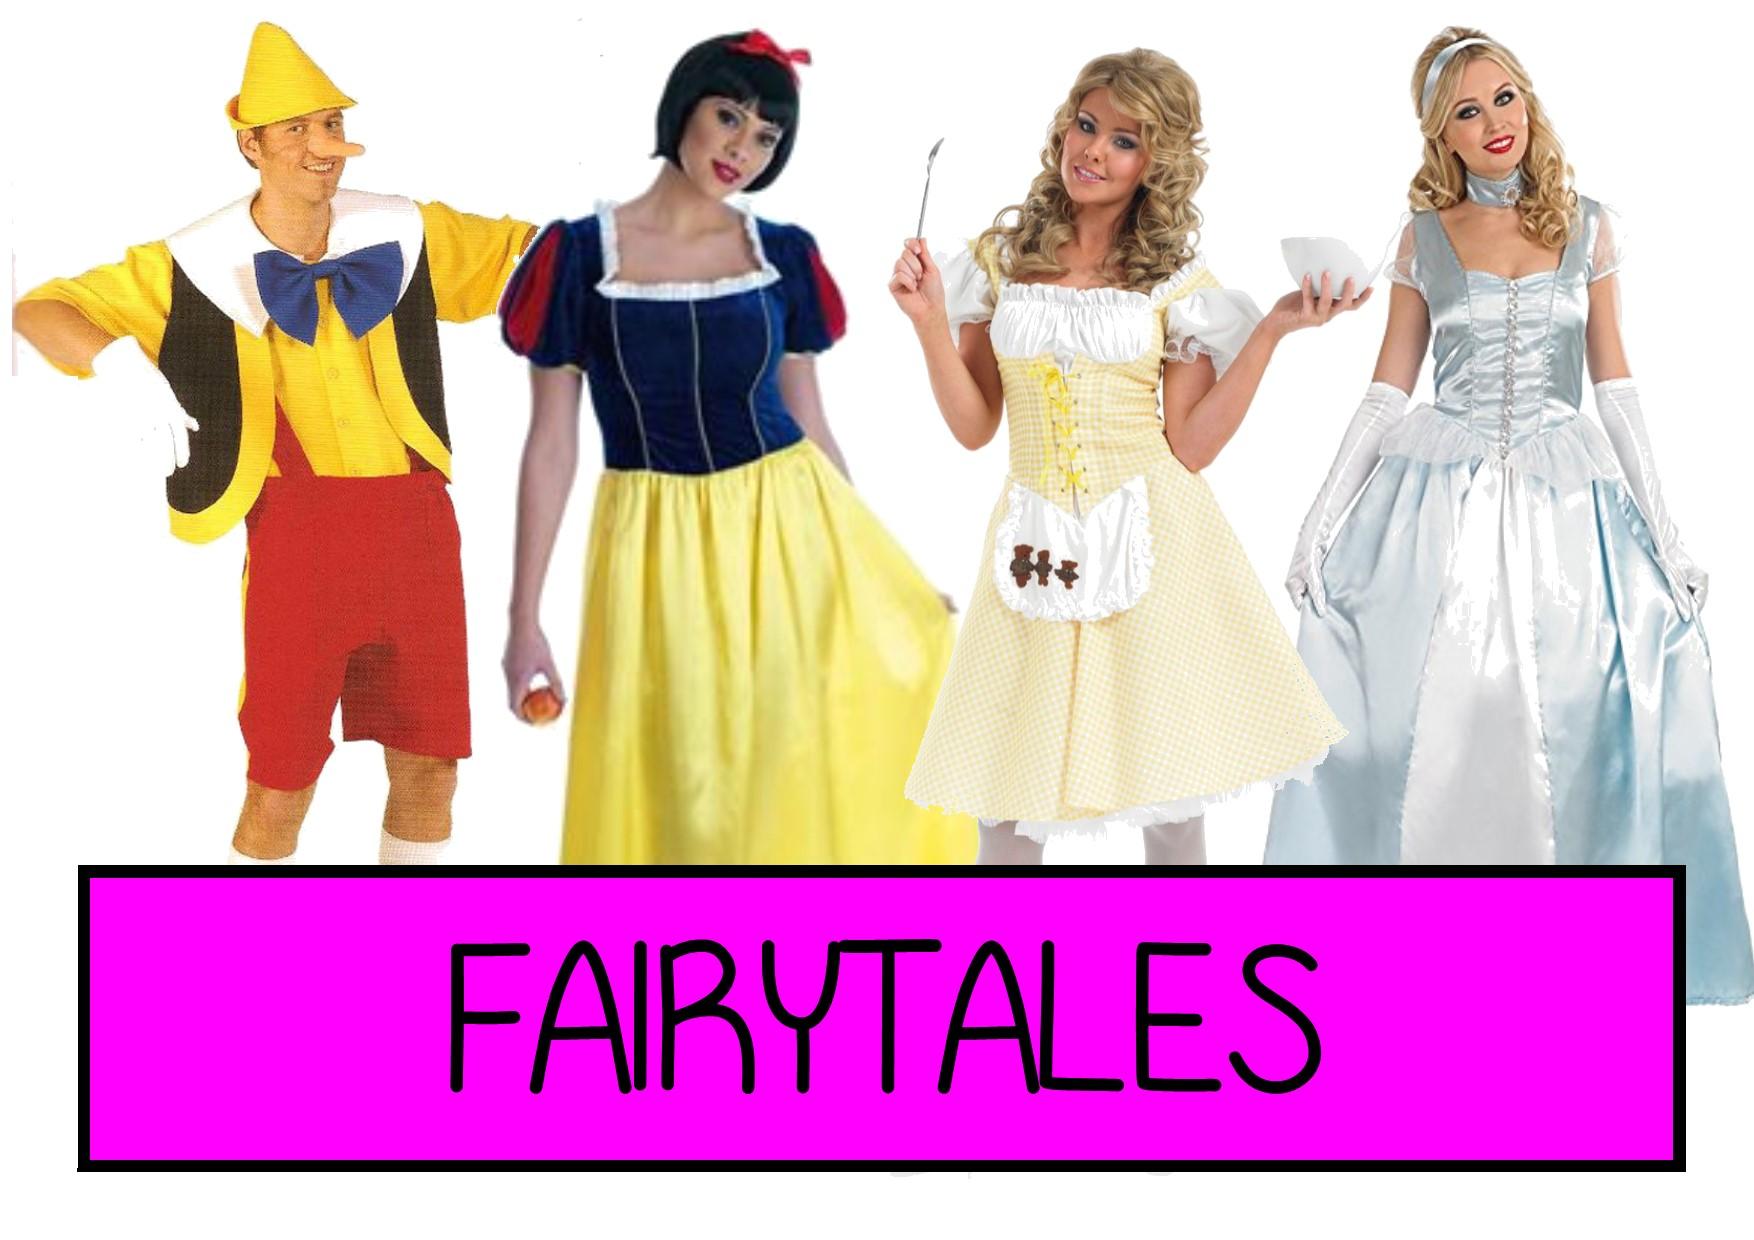 fairytales fancy dress ideas